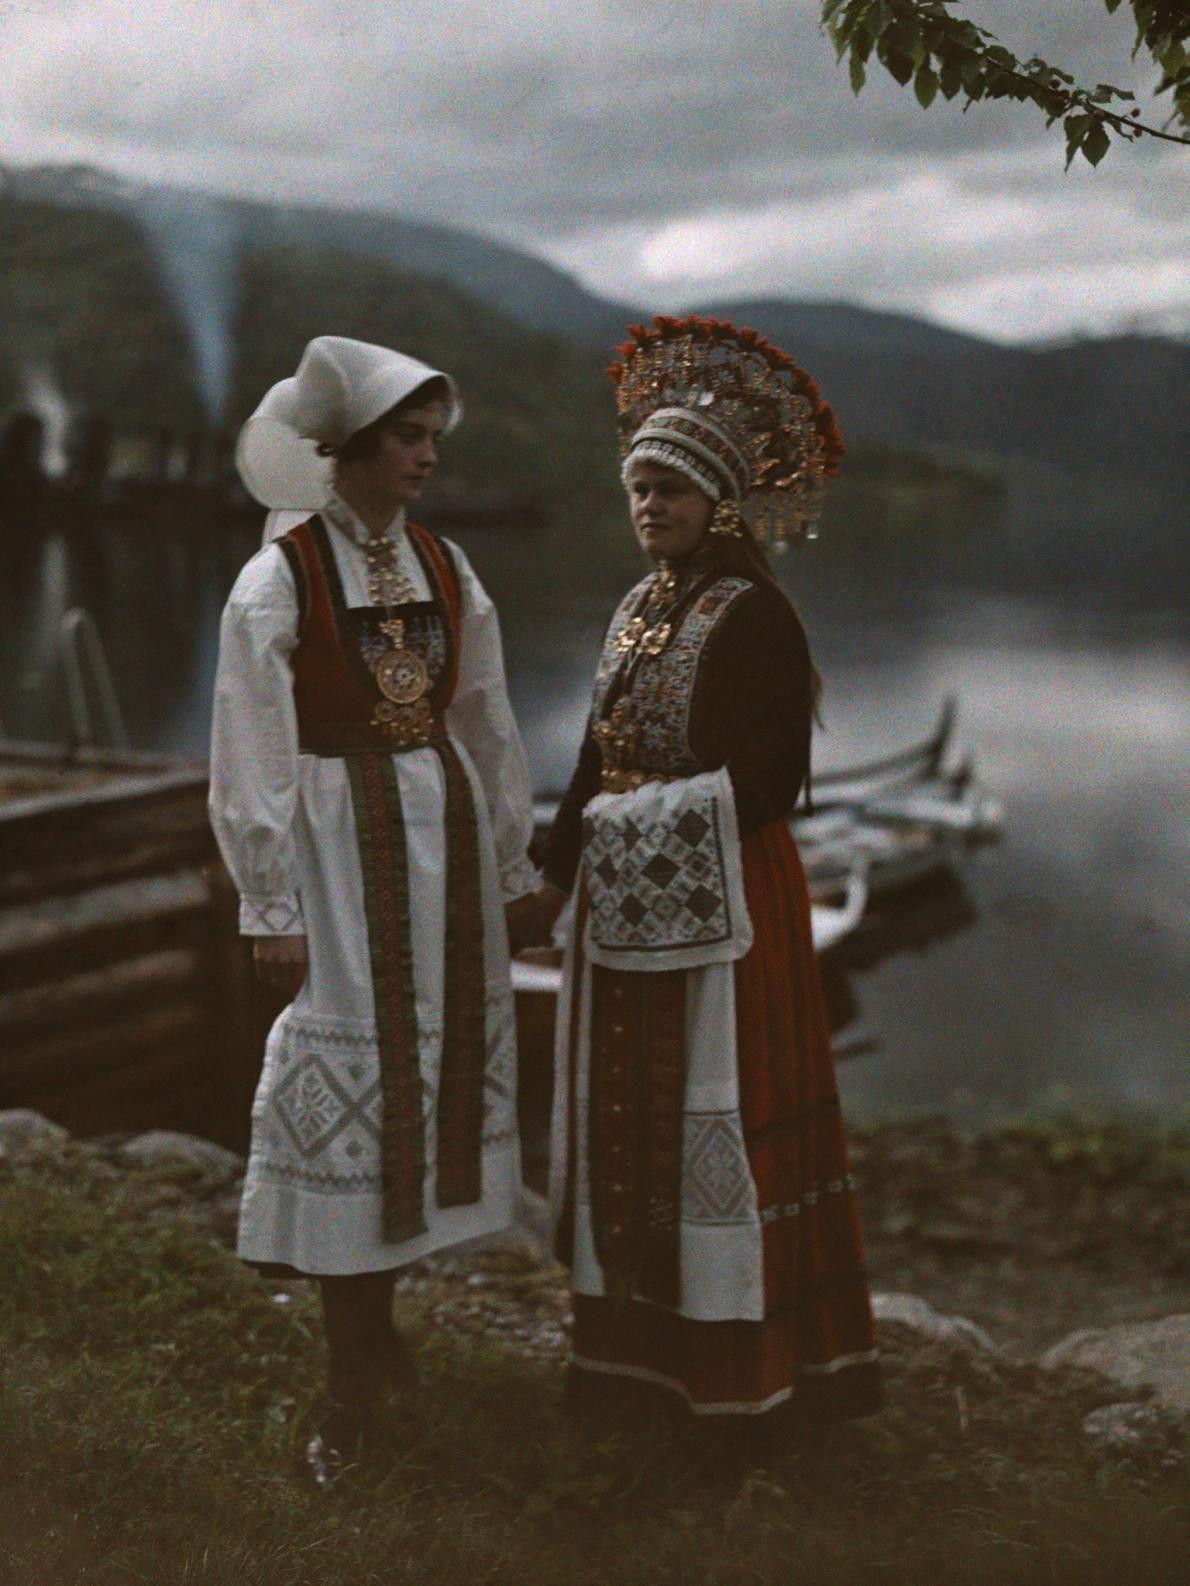 Uma mulher casada e uma noiva posam para foto em vestidos tradicionais. Ulvik, Noruega.